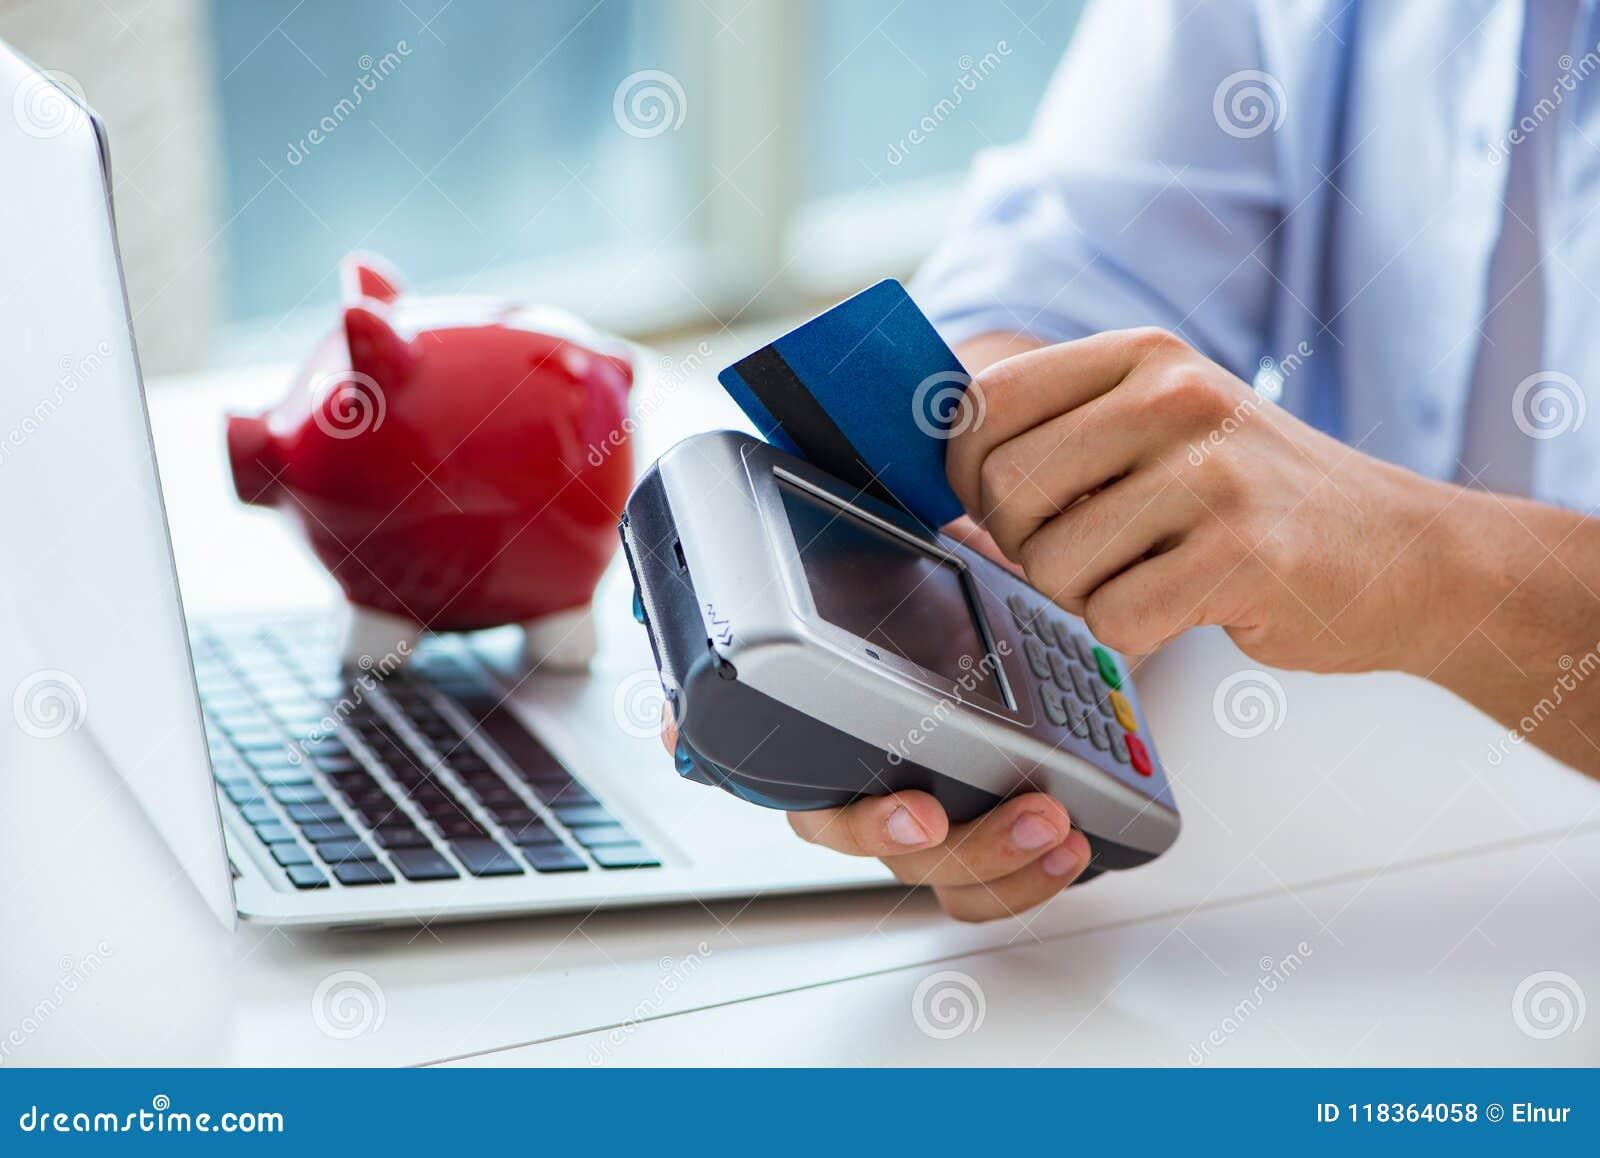 El hombre que procesa la transacción de la tarjeta de crédito con el terminal de la posición